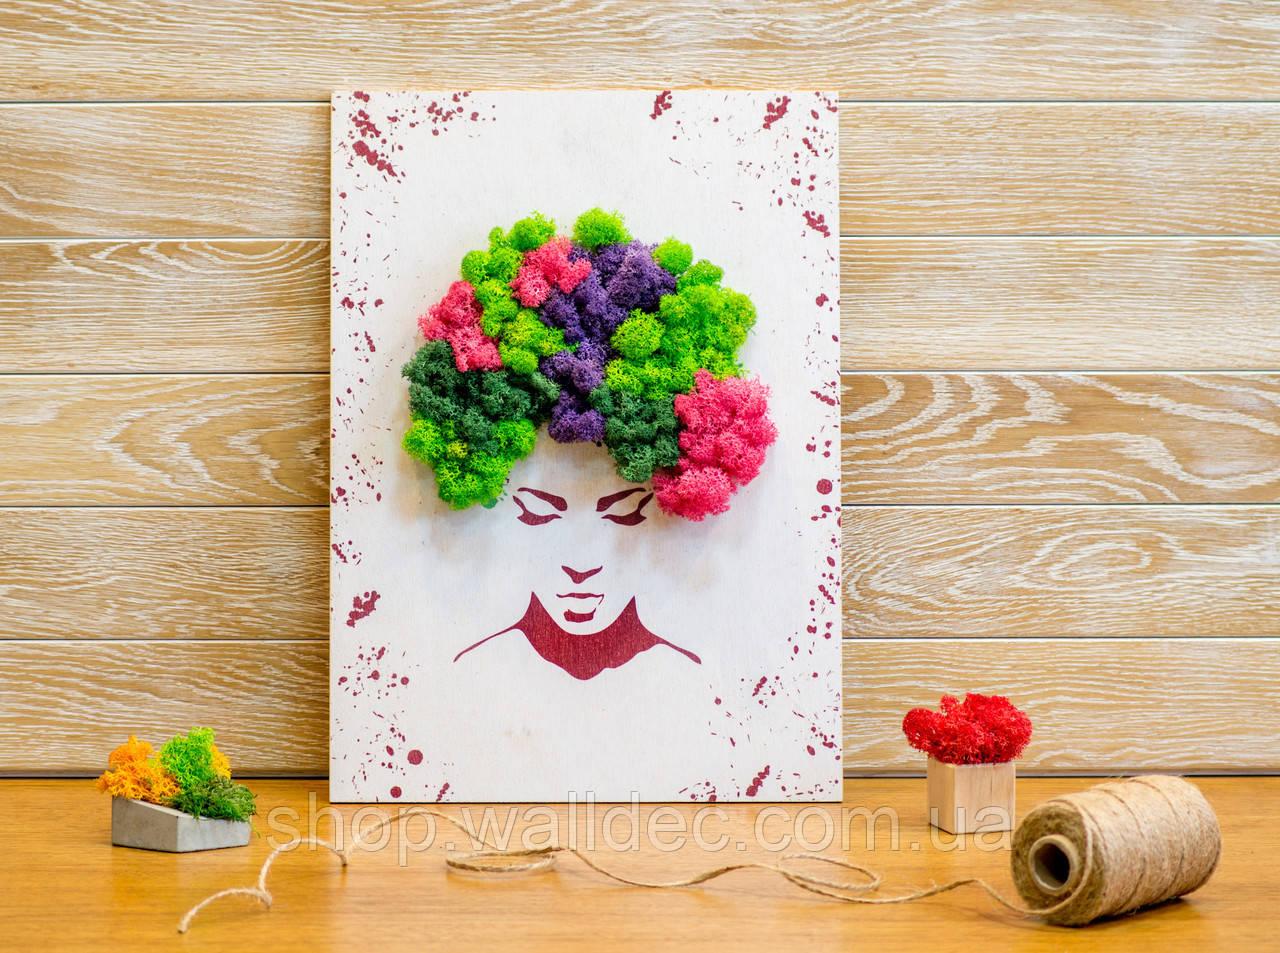 Картина-панно Crazy Hair,  размер А3